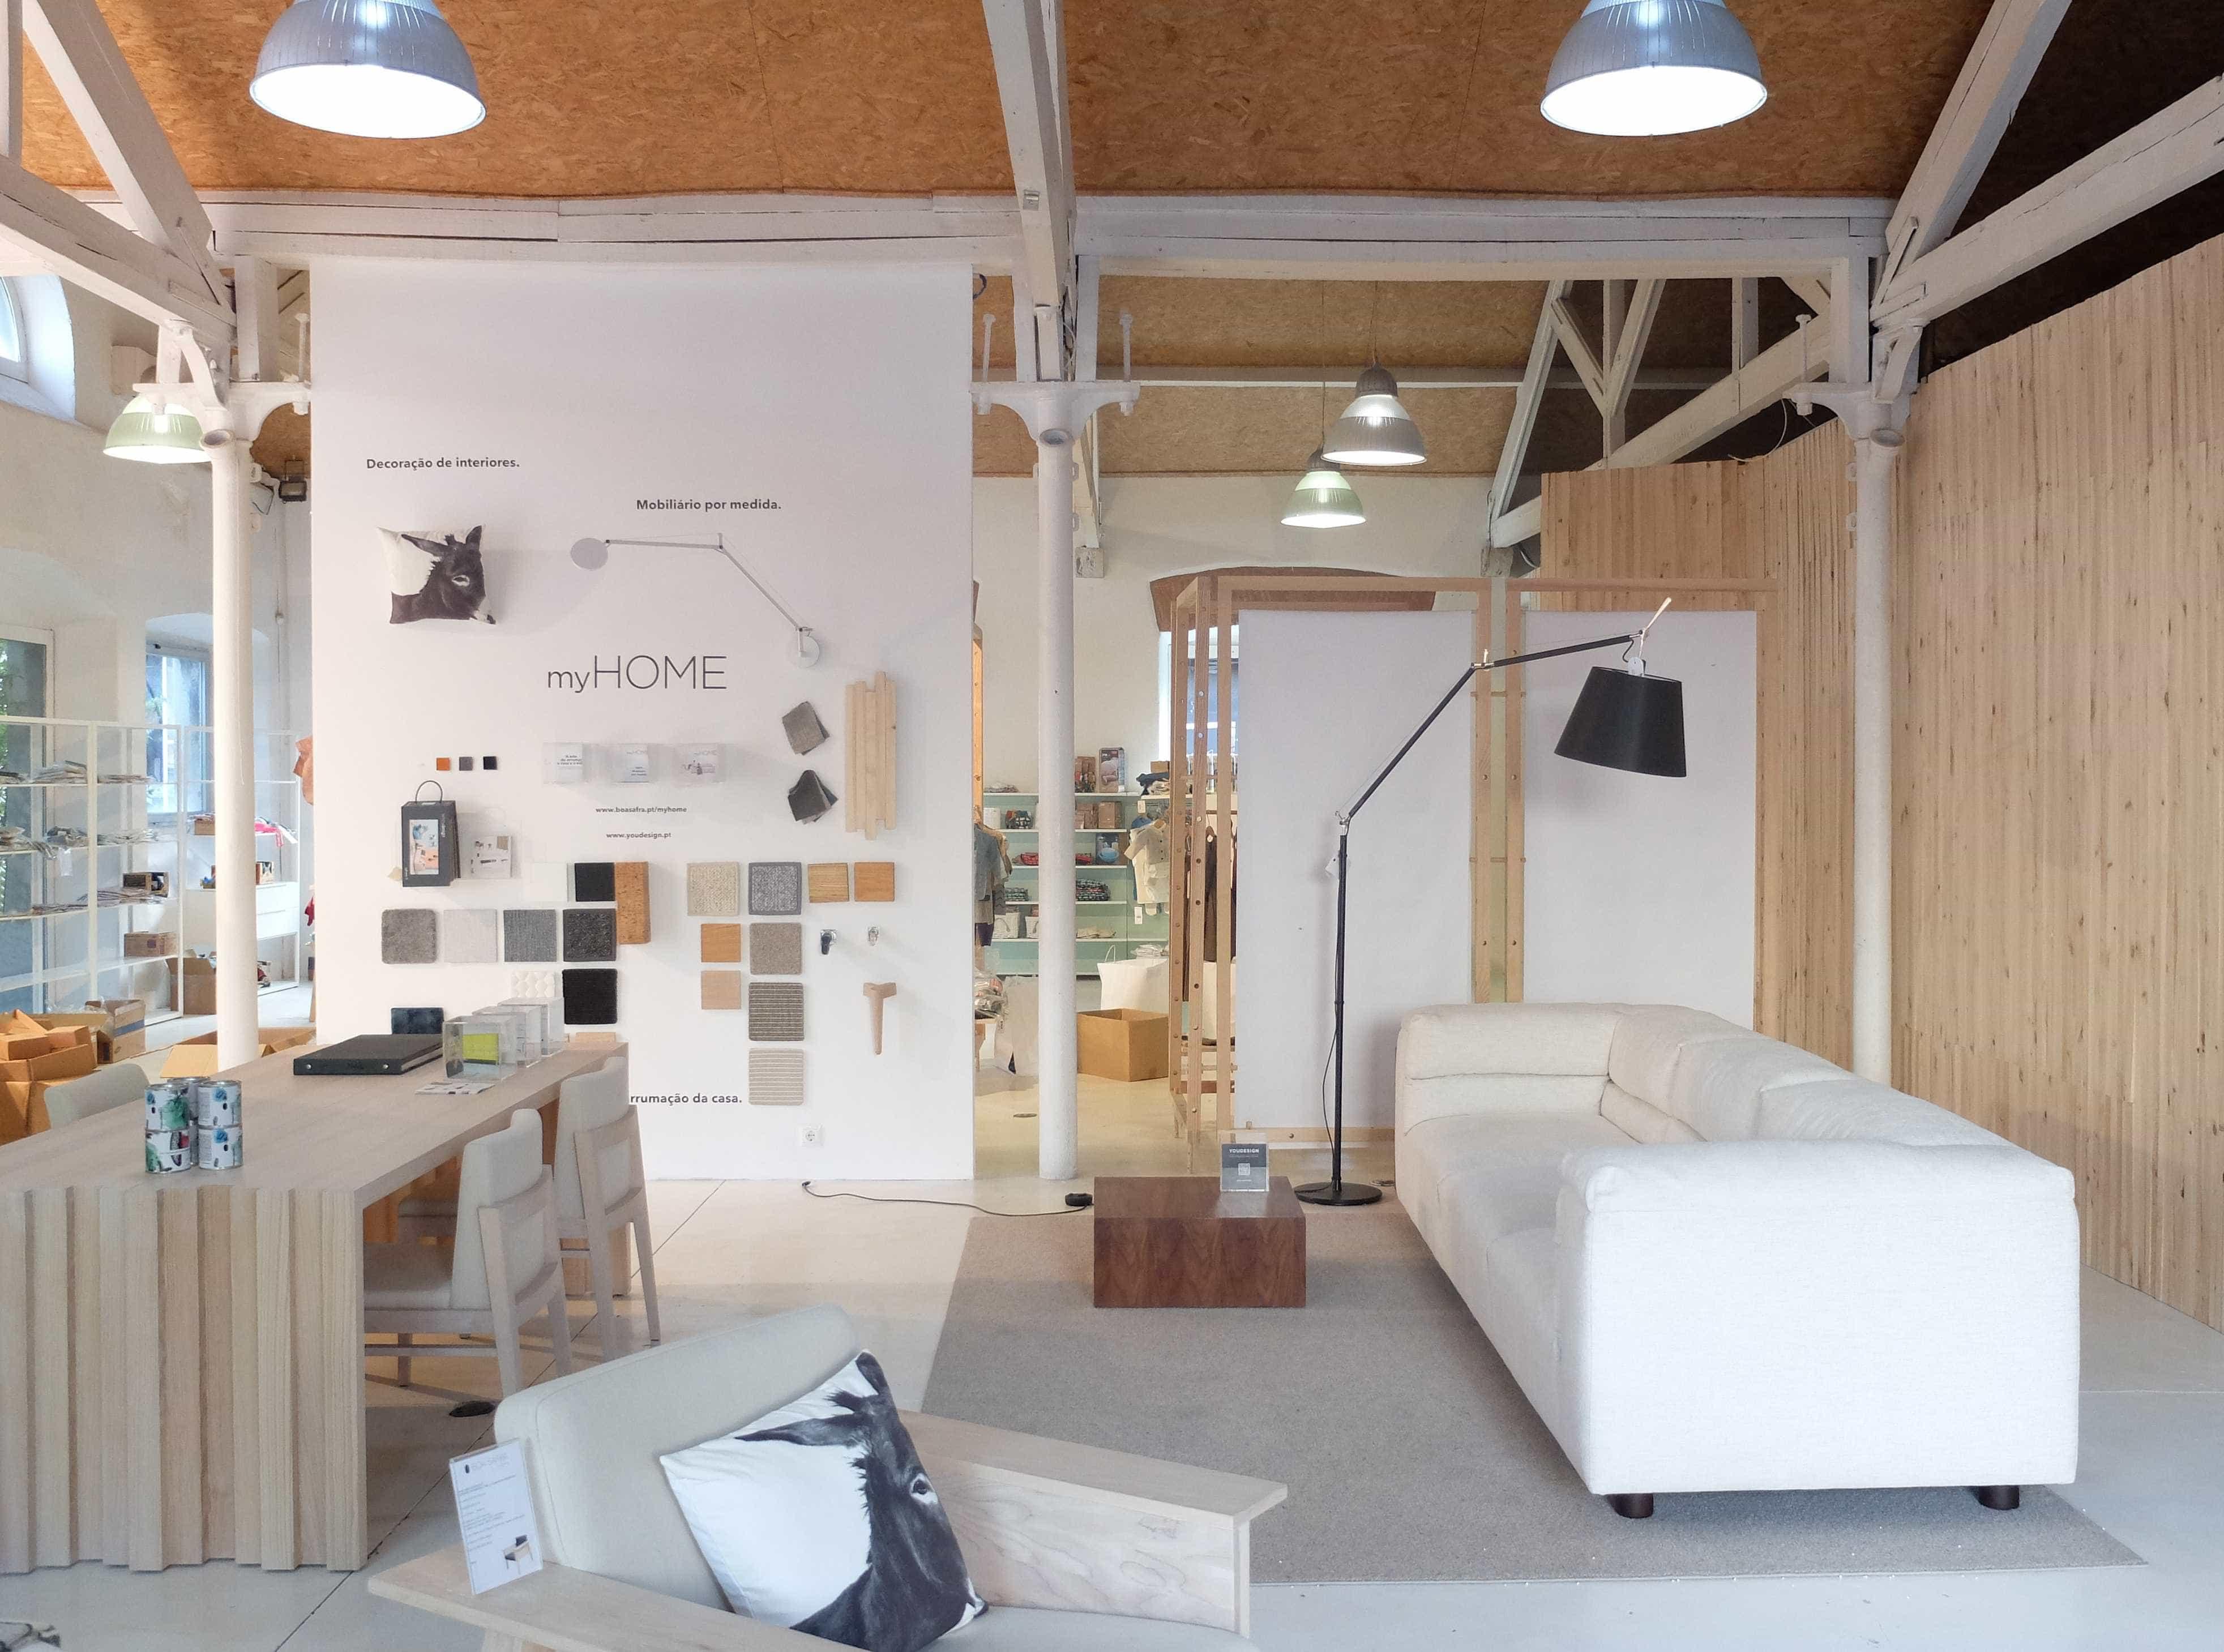 Acaba de nascer um polo dedicado a eco-lifestyle na Lx Factory